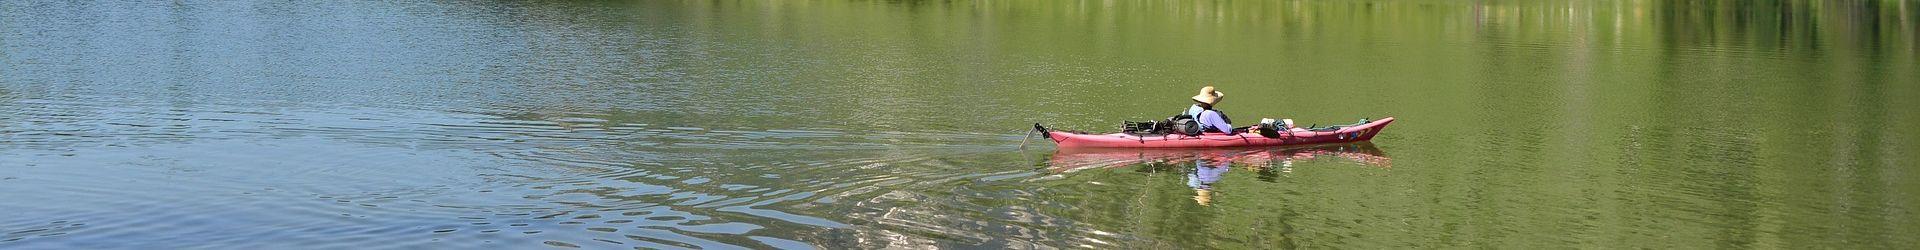 lake-1072030_1920crop250